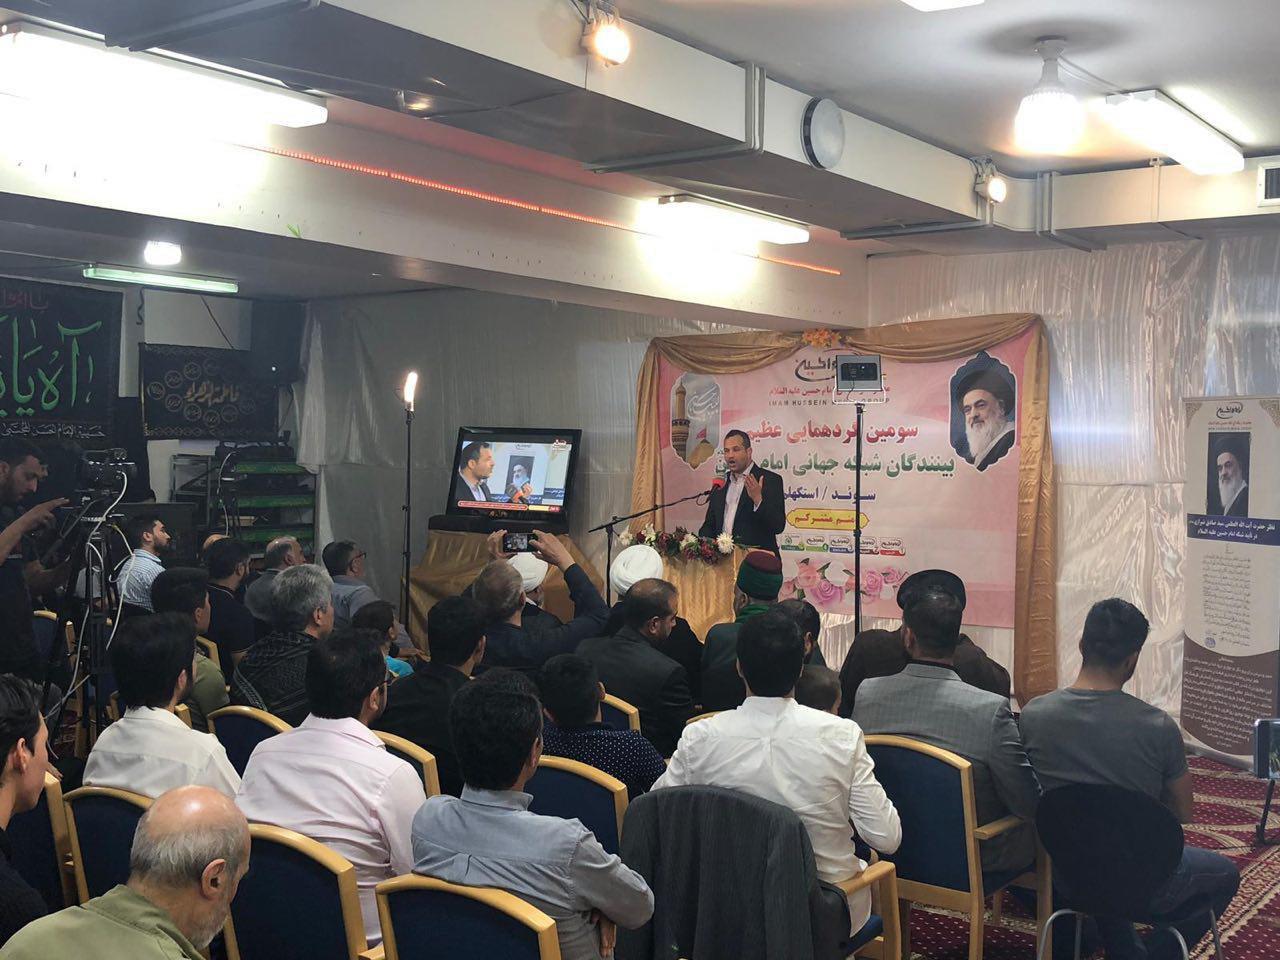 تصویر برگزاری سومین گردهمایی بزرگ بینندگان شبکه جهانی امام حسین علیه السلام در اروپا